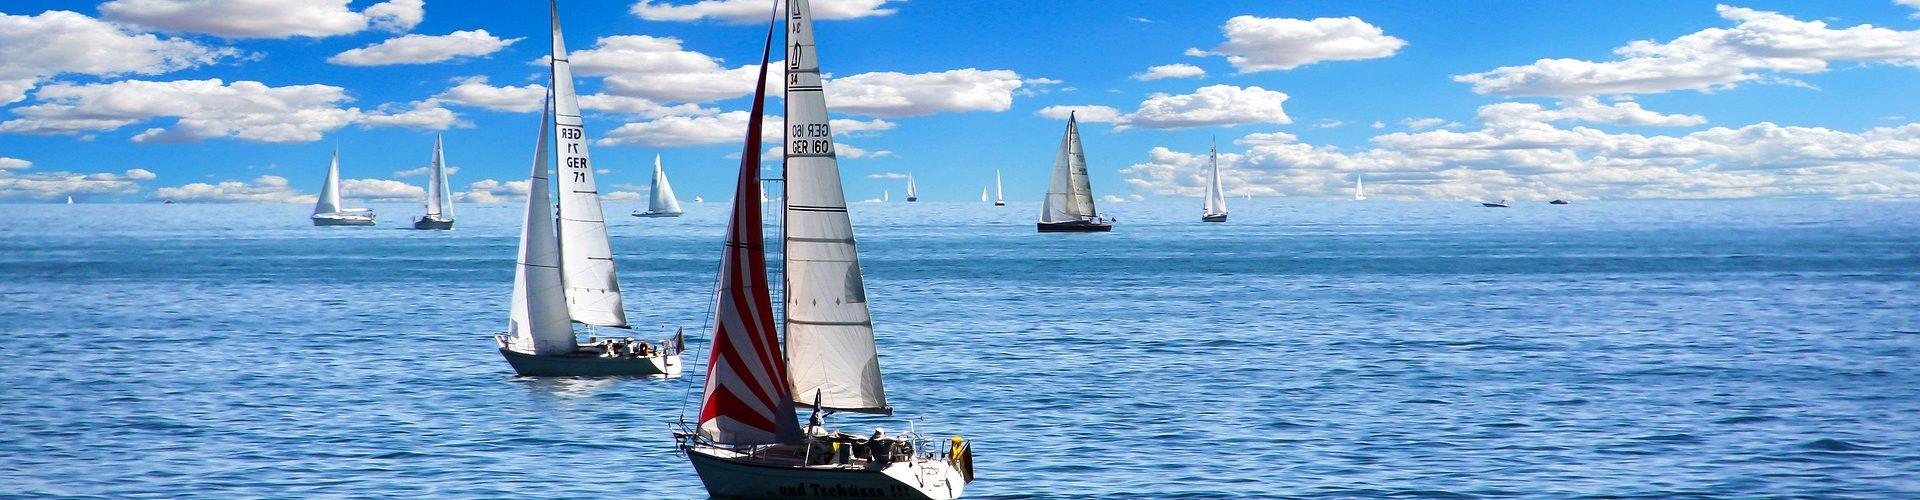 segeln lernen in Iserlohn segelschein machen in Iserlohn 1920x500 - Segeln lernen in Iserlohn